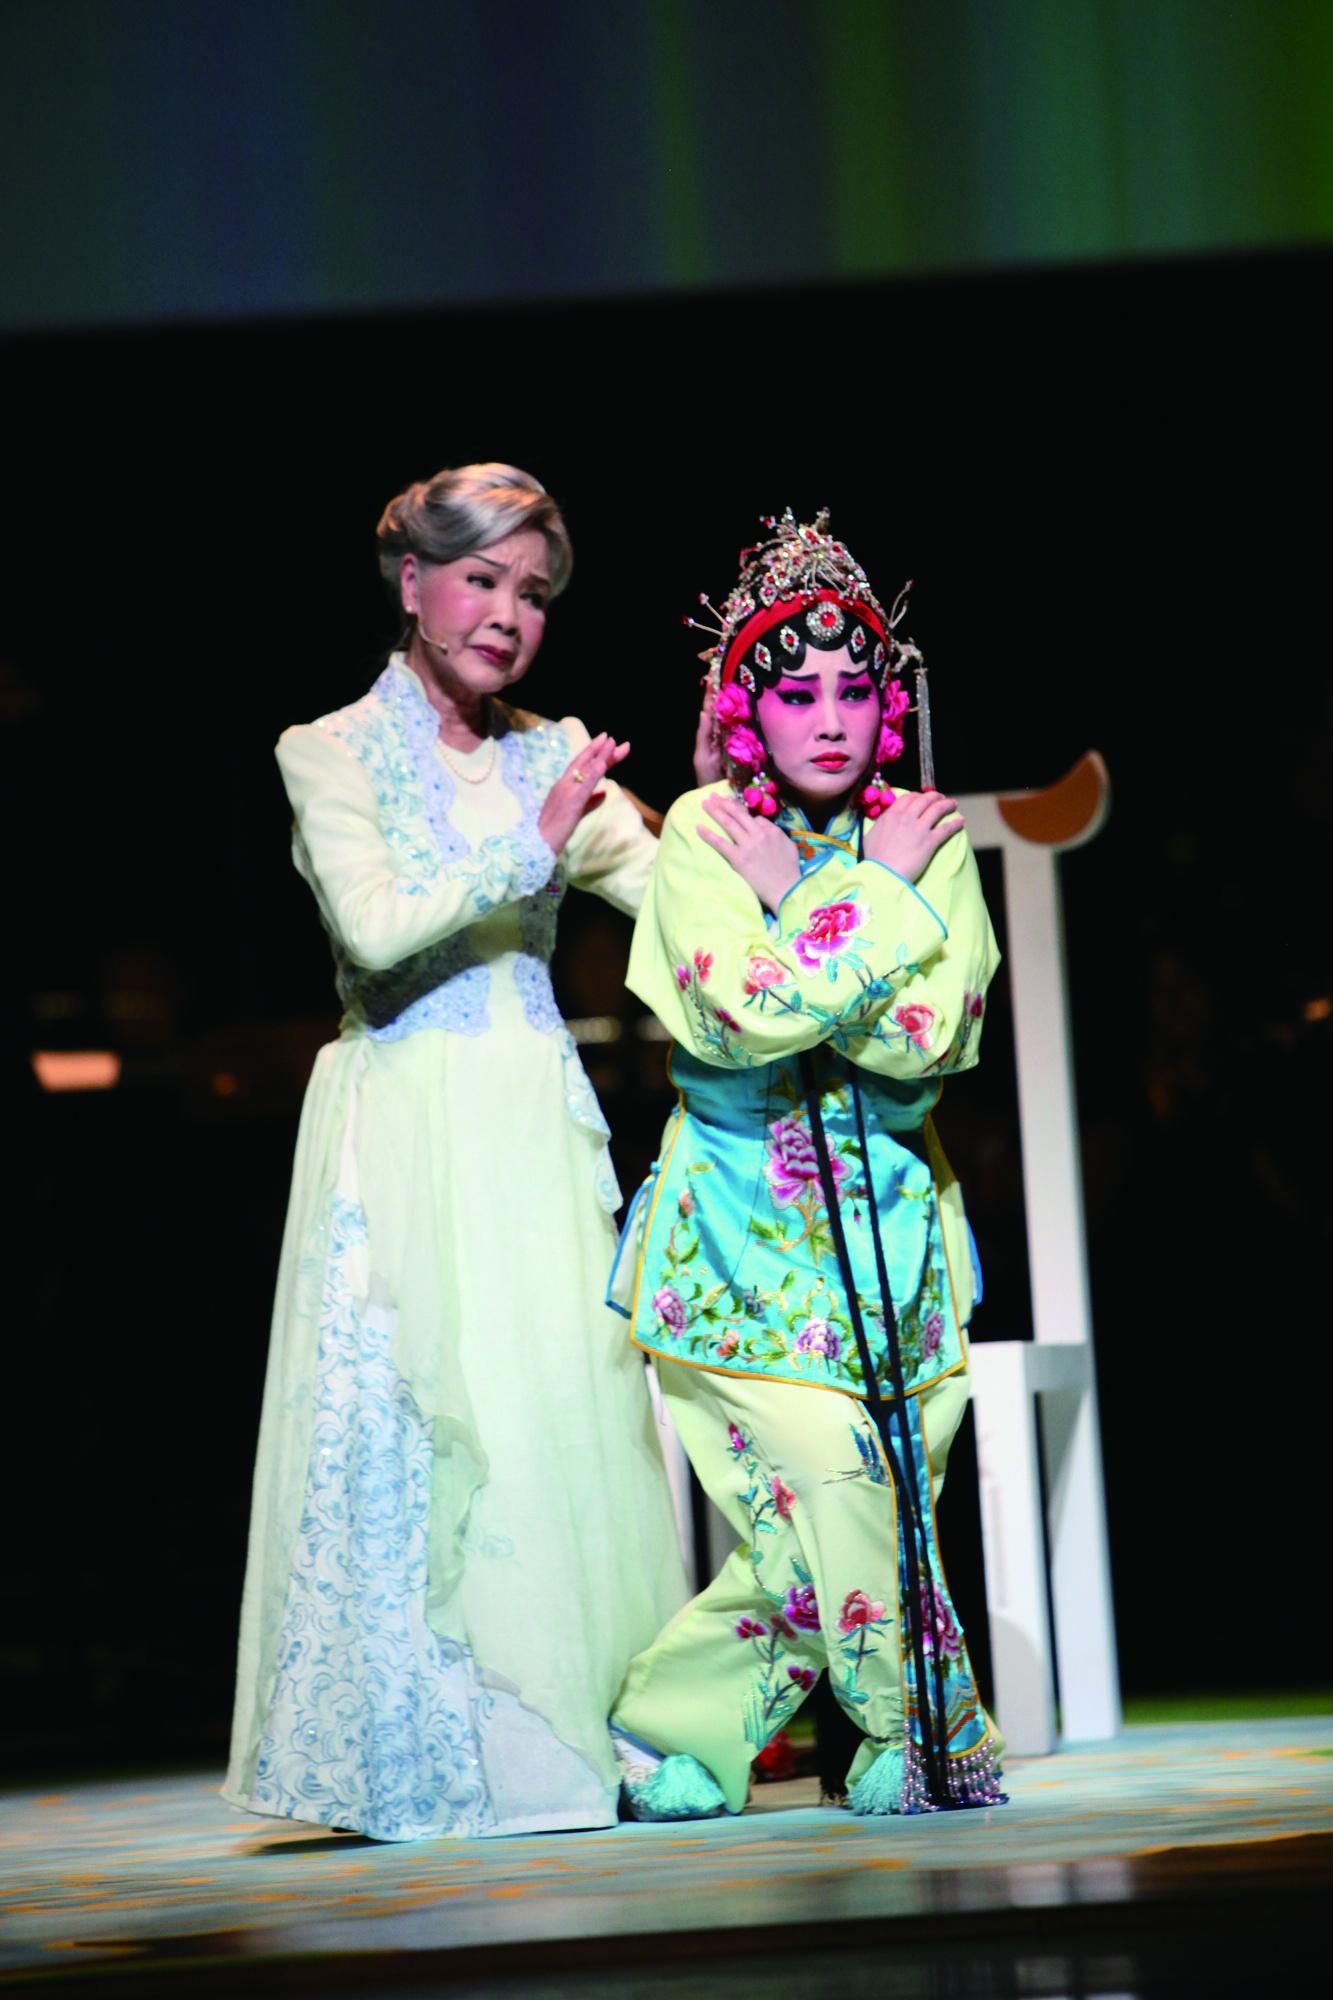 《凍水牡丹─風華再現》,左為廖瓊枝,右為王台玲,演出廖瓊枝幼年。.JPG